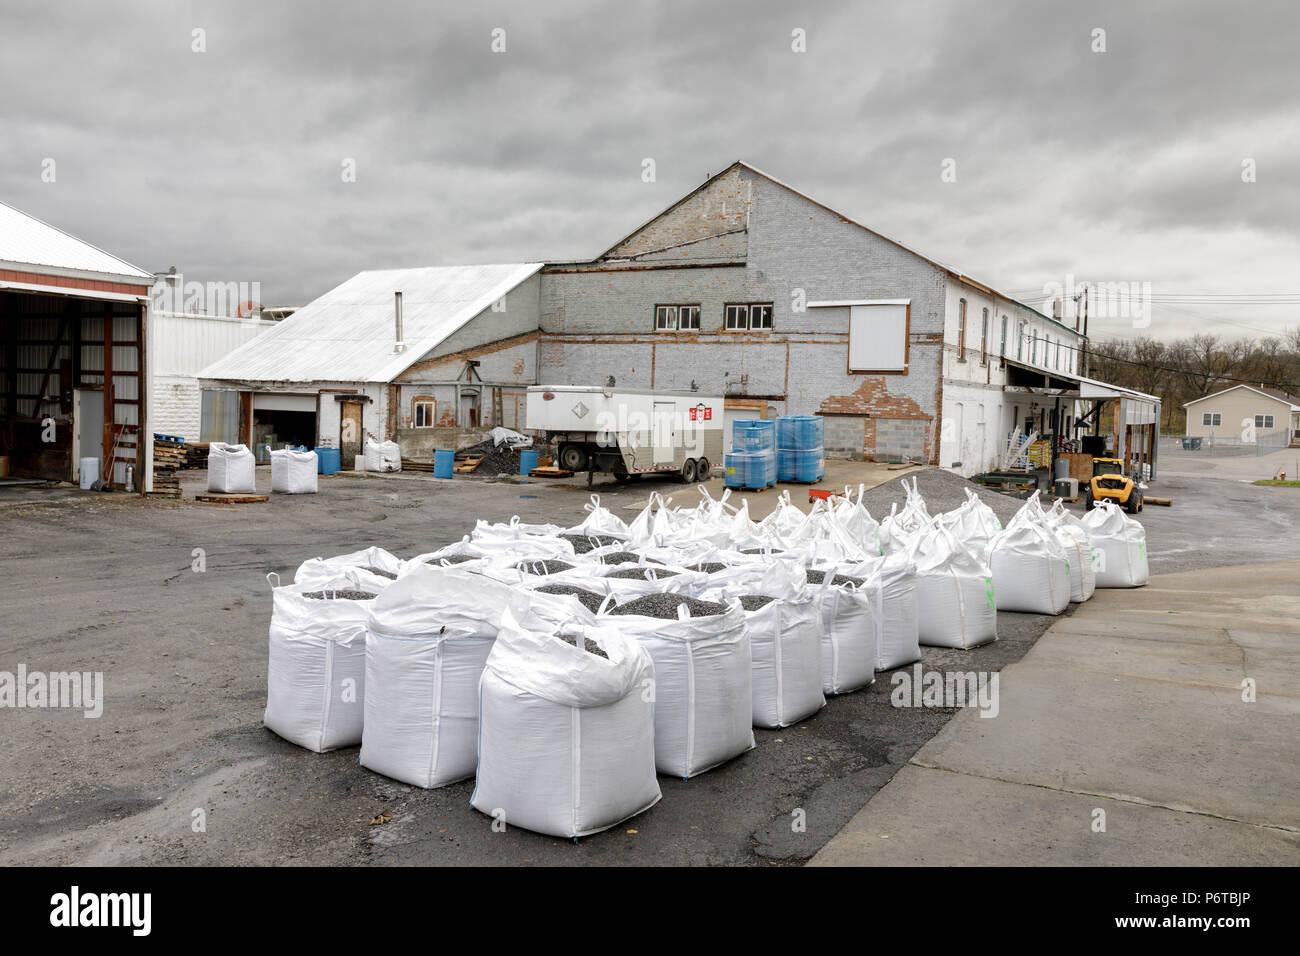 Fort pianura, nello Stato di New York, Stati Uniti d'America: sacchi di carbone per il riscaldamento domestico sono in vendita presso il negozio Amish. Immagini Stock